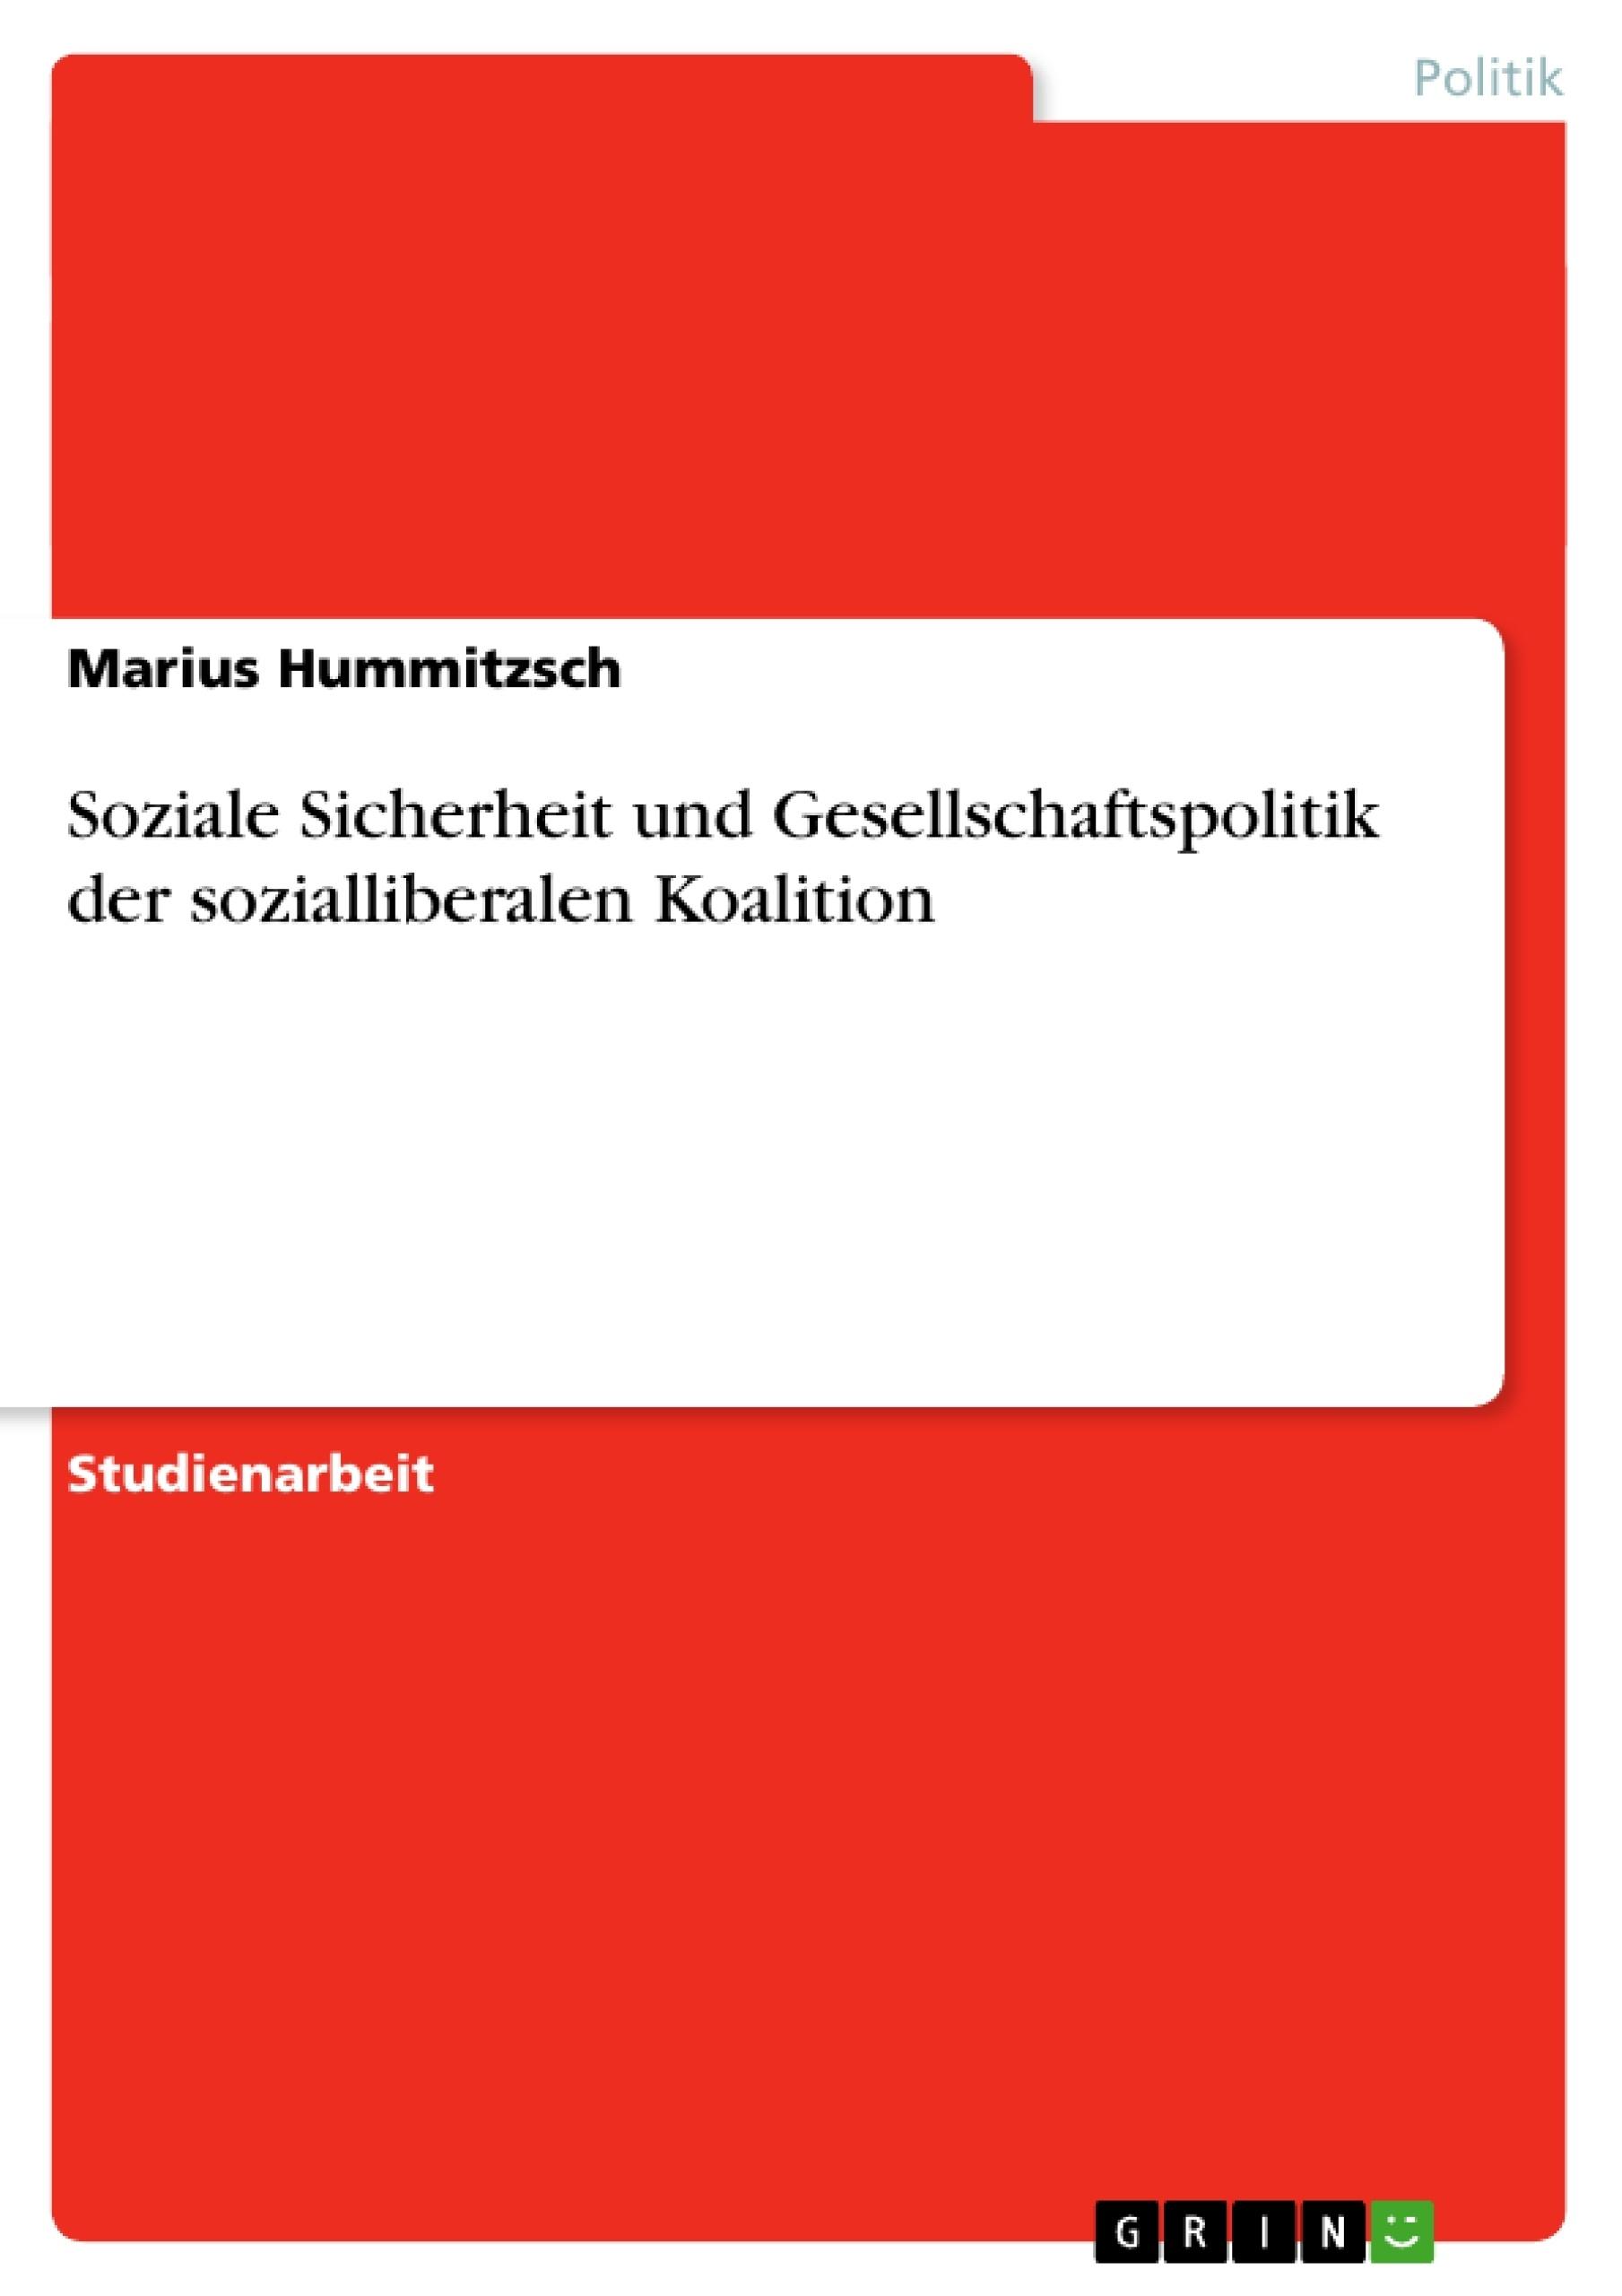 Titel: Soziale Sicherheit und Gesellschaftspolitik der sozialliberalen Koalition